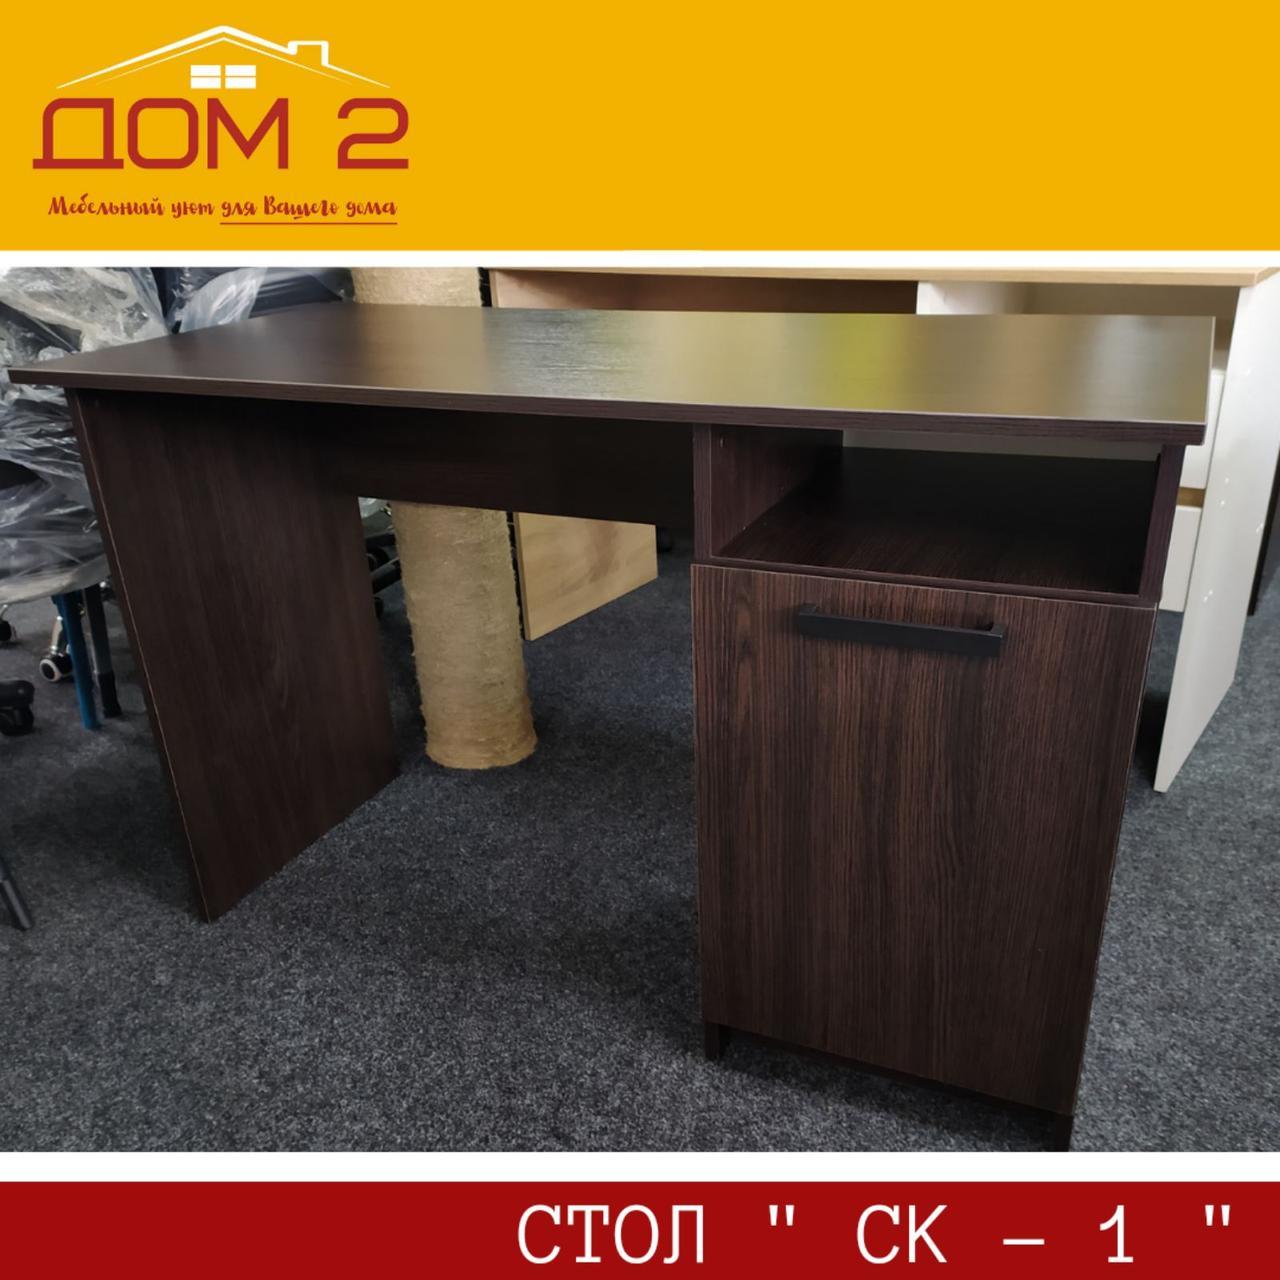 Письменный стол СК - 1